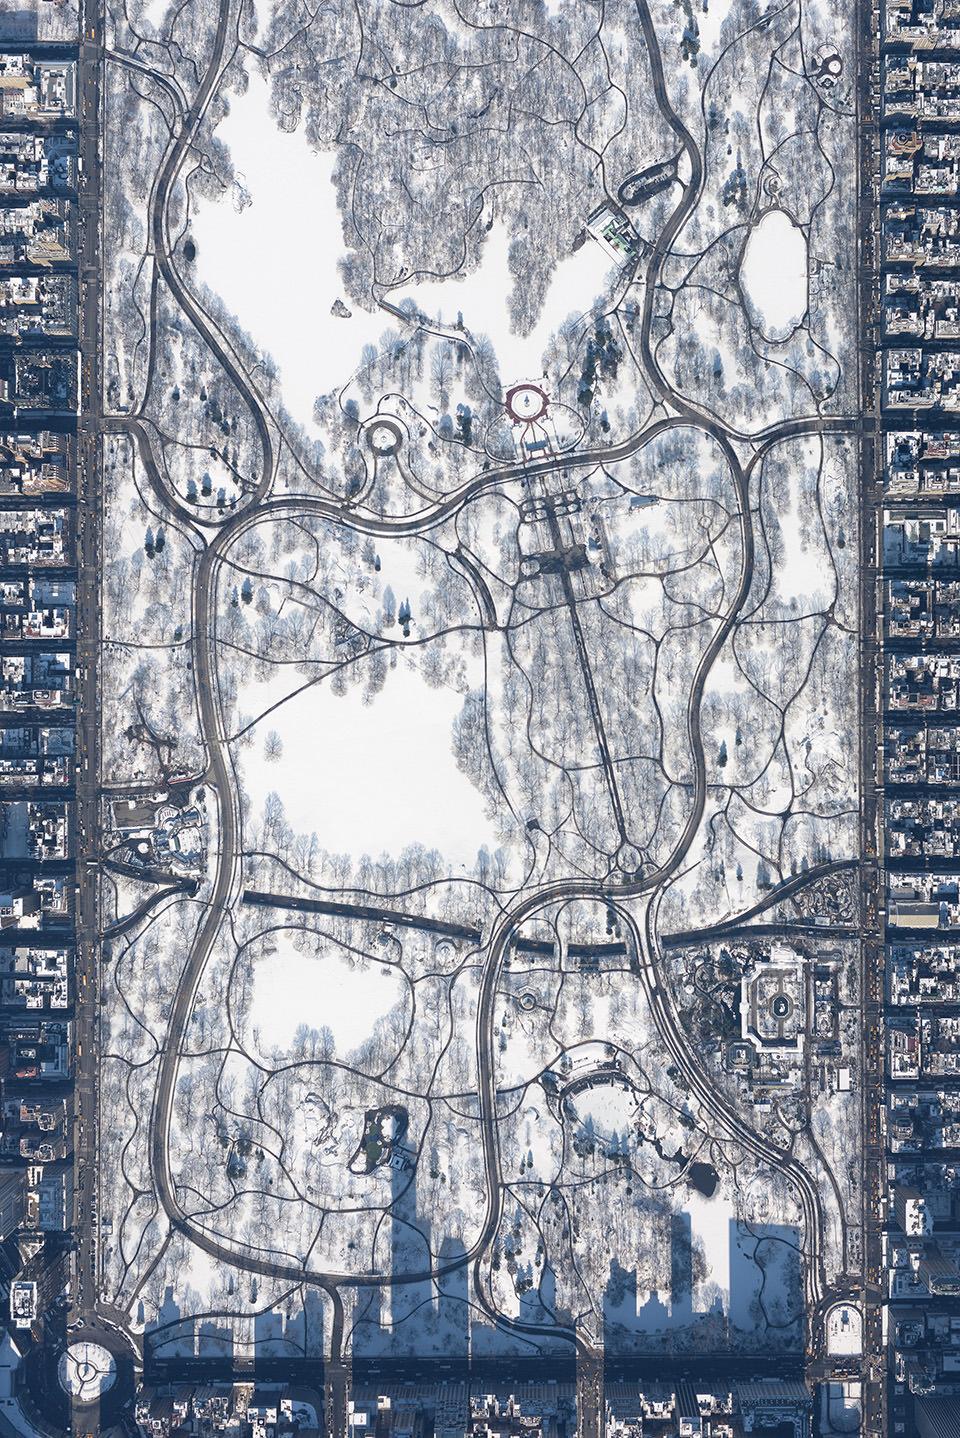 Luftaufnahme von Central Park